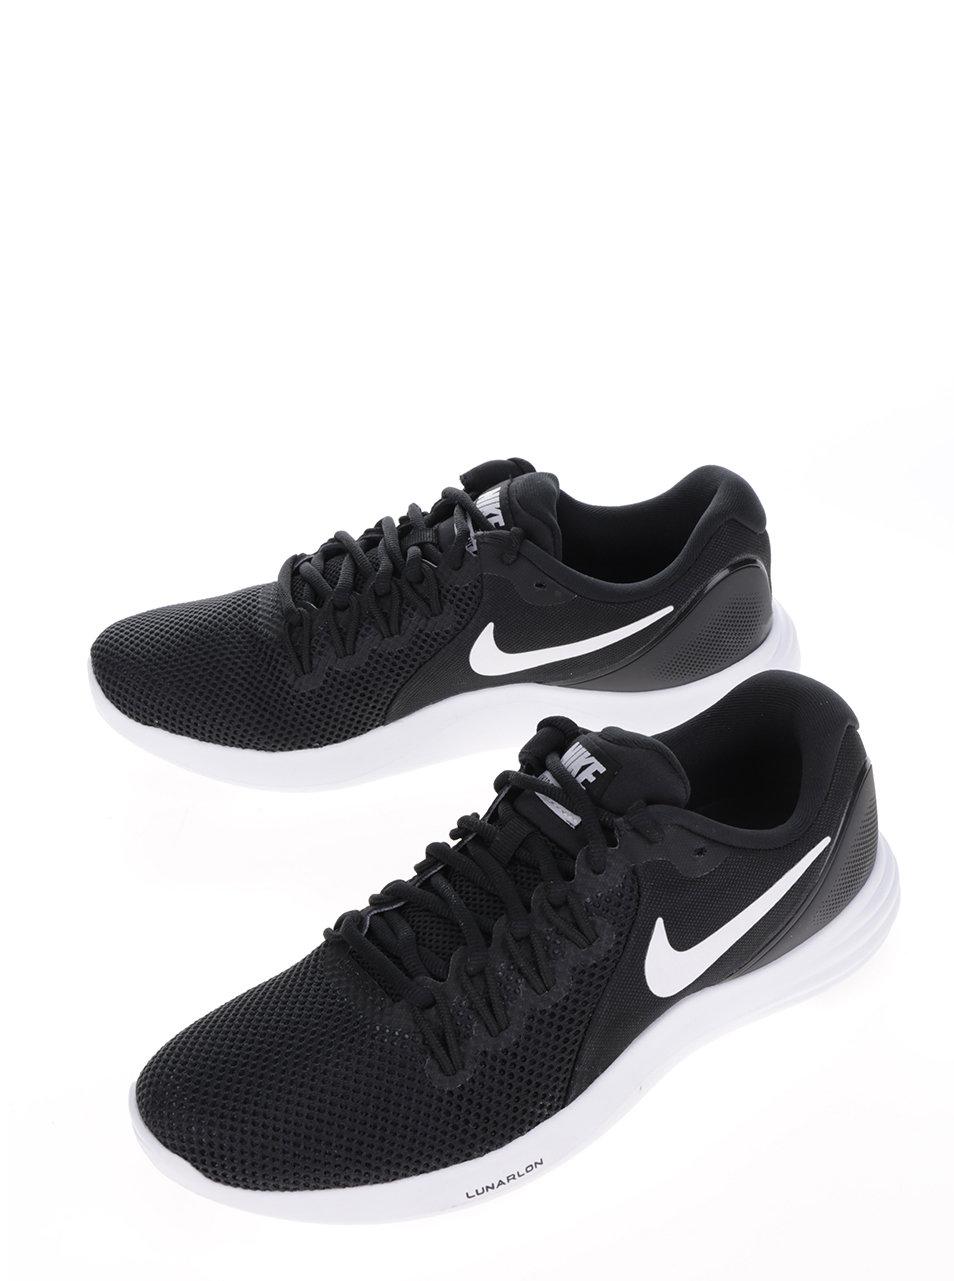 Bílo-černé pánské perforované tenisky Nike Lunar Apparent ... 98d3c77a9f